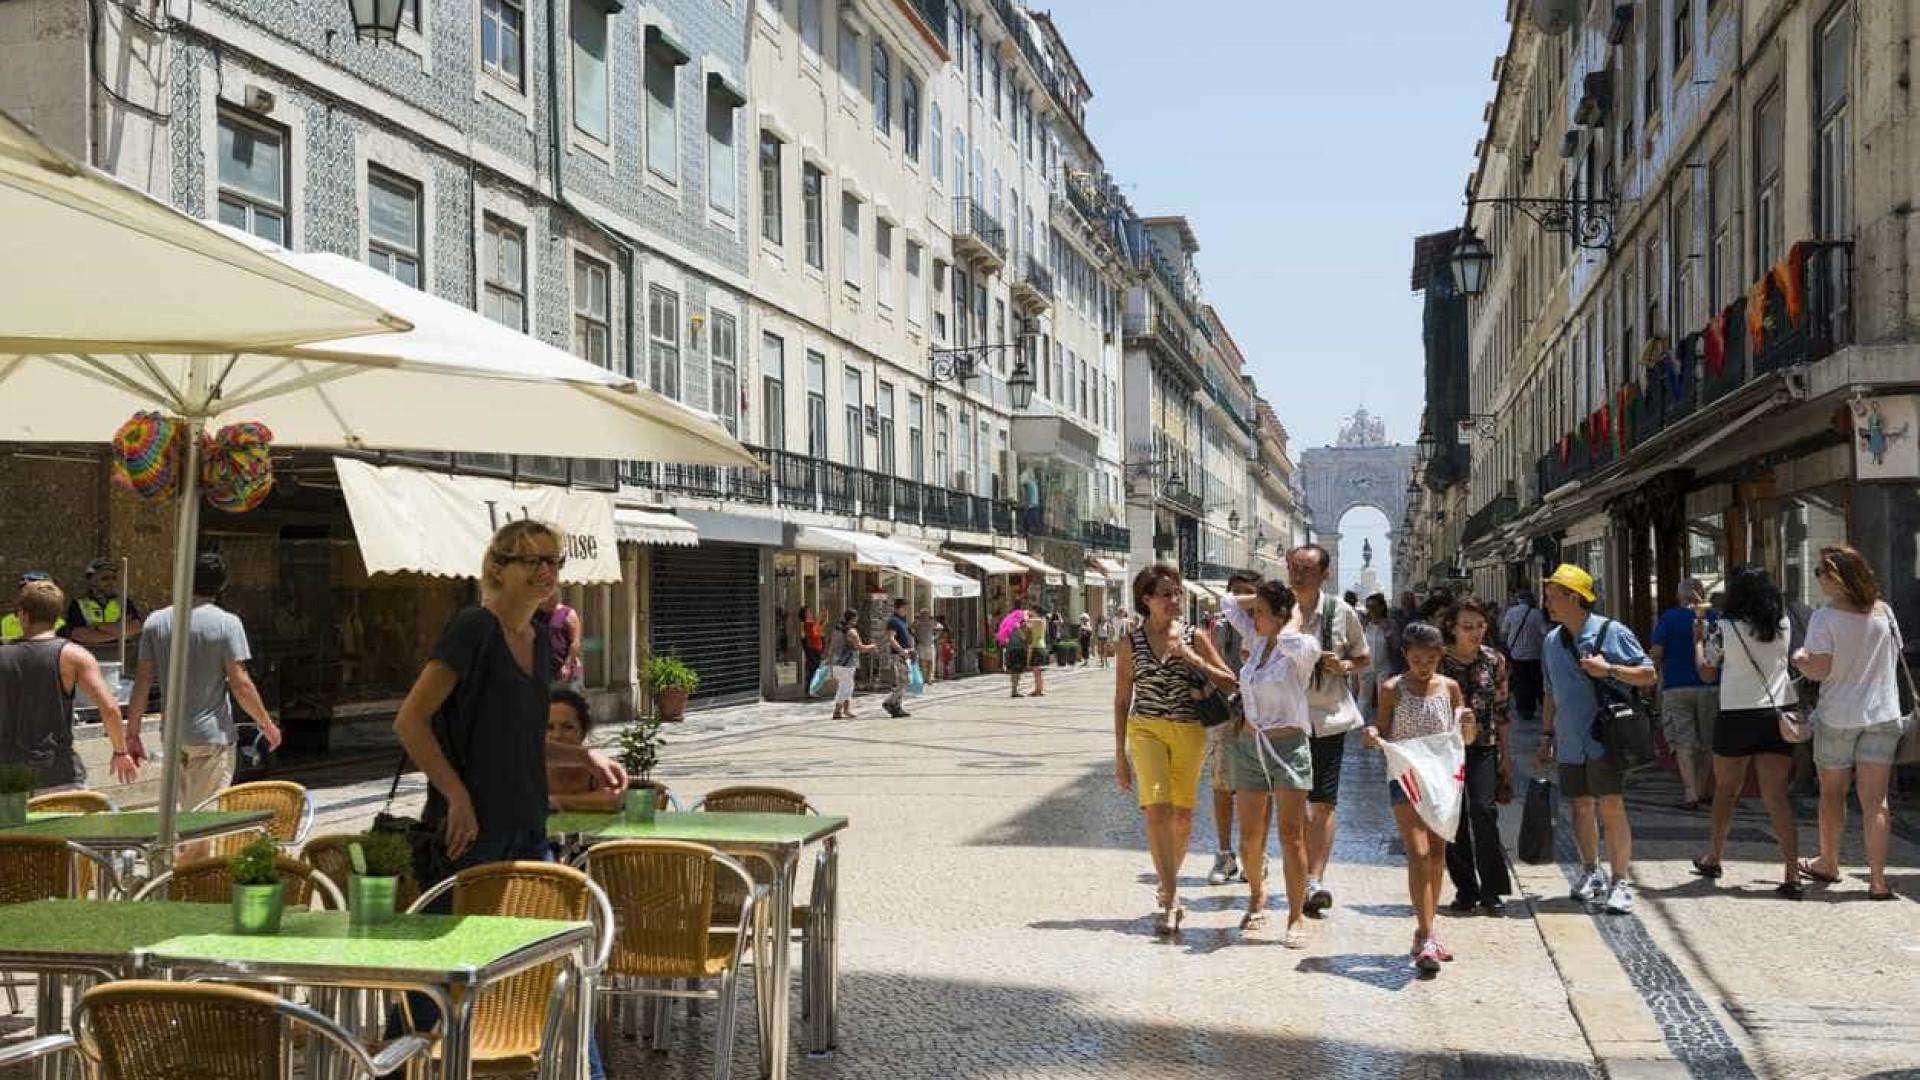 Economia portuguesa deverá desacelerar para 2,2% em 2018, diz a Bloomberg